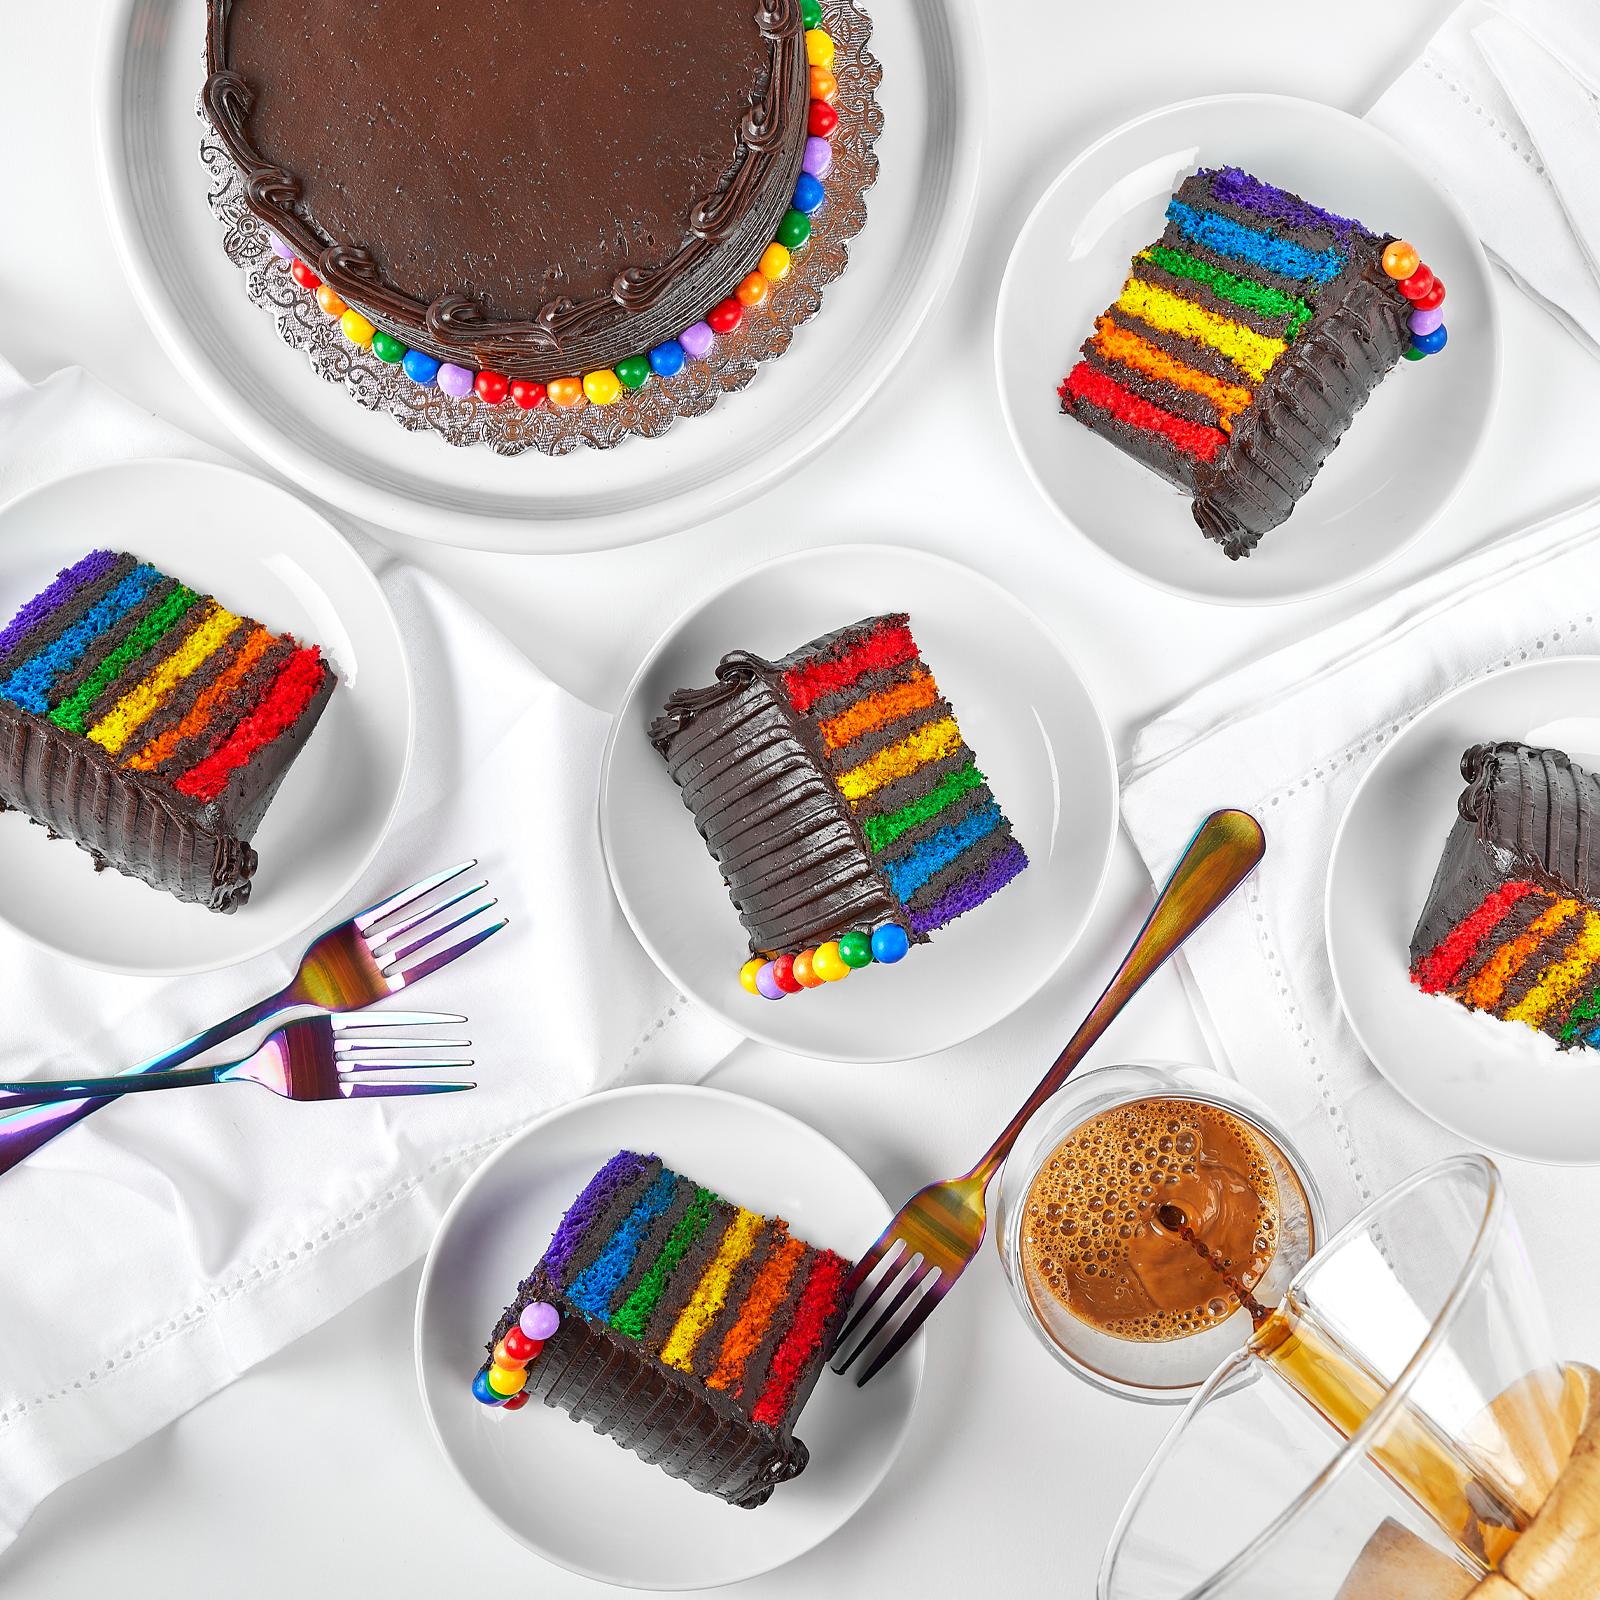 诺伊谷面包店的巧克力彩虹蛋糕